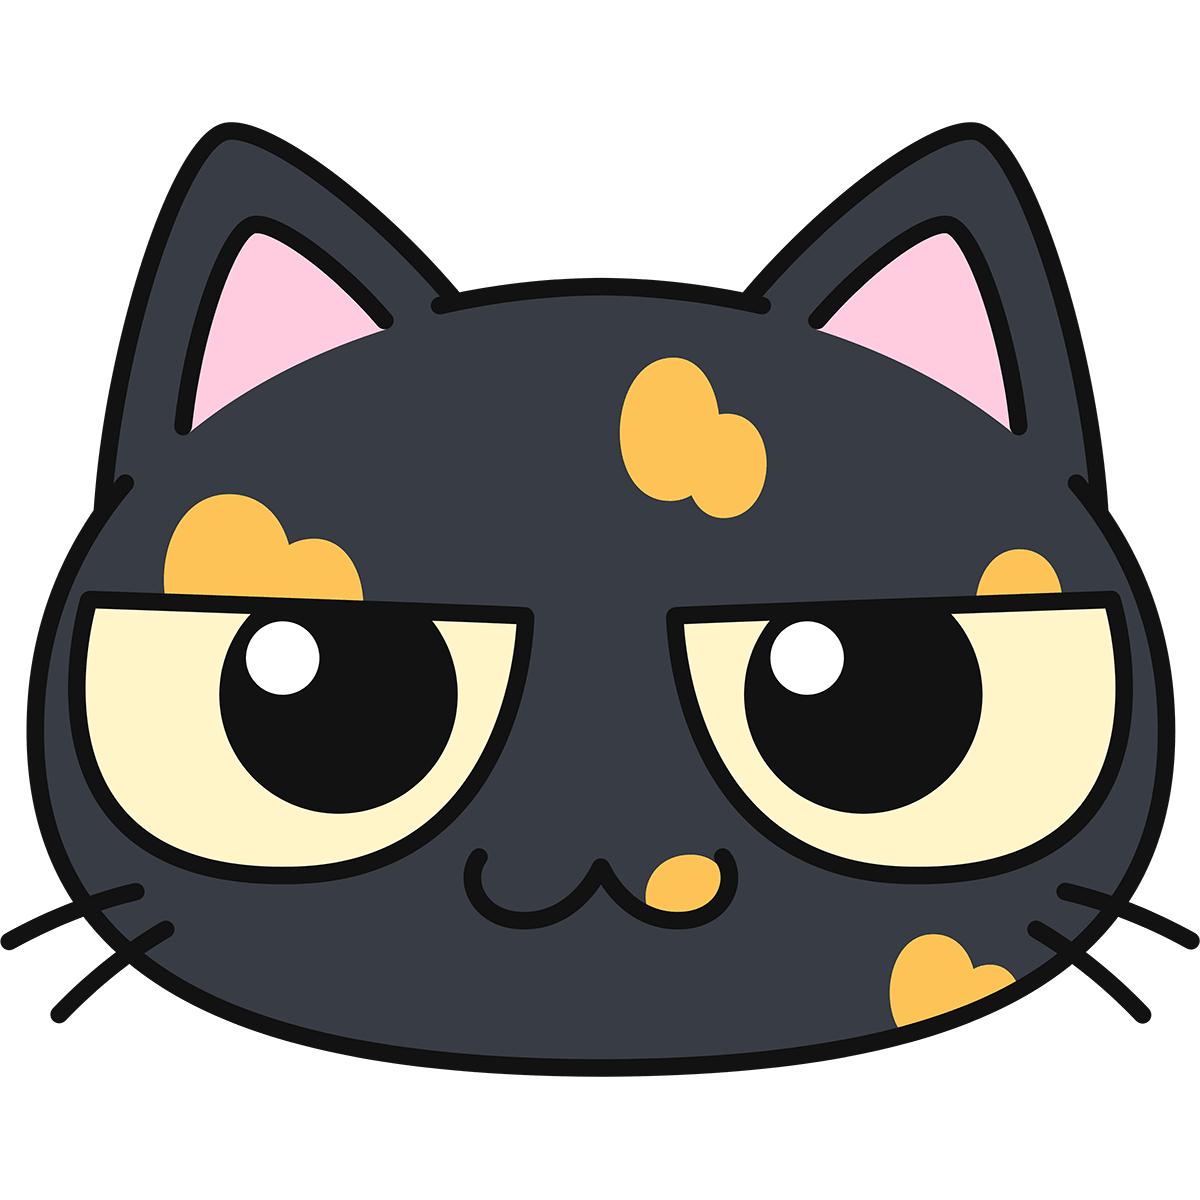 サビ猫の顔の無料イラスト